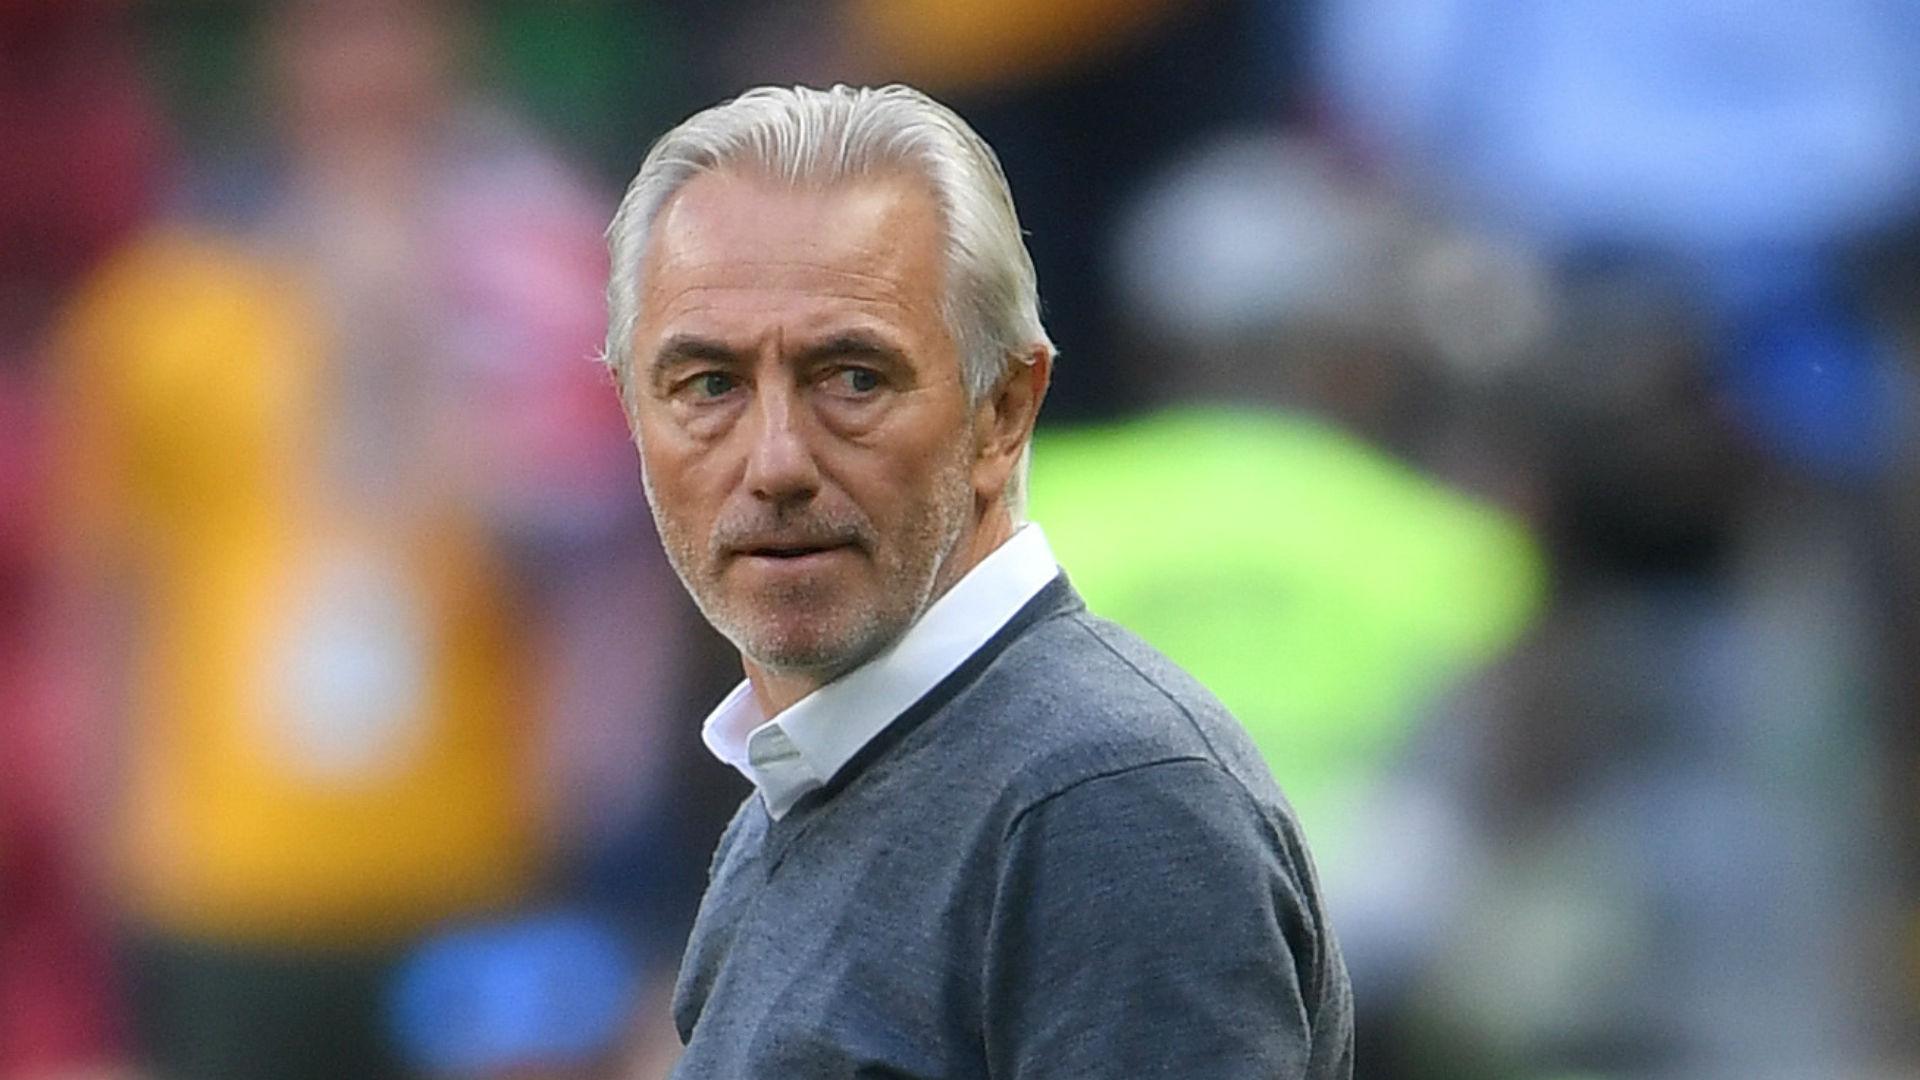 Bert van Marwijk sacked by UAE